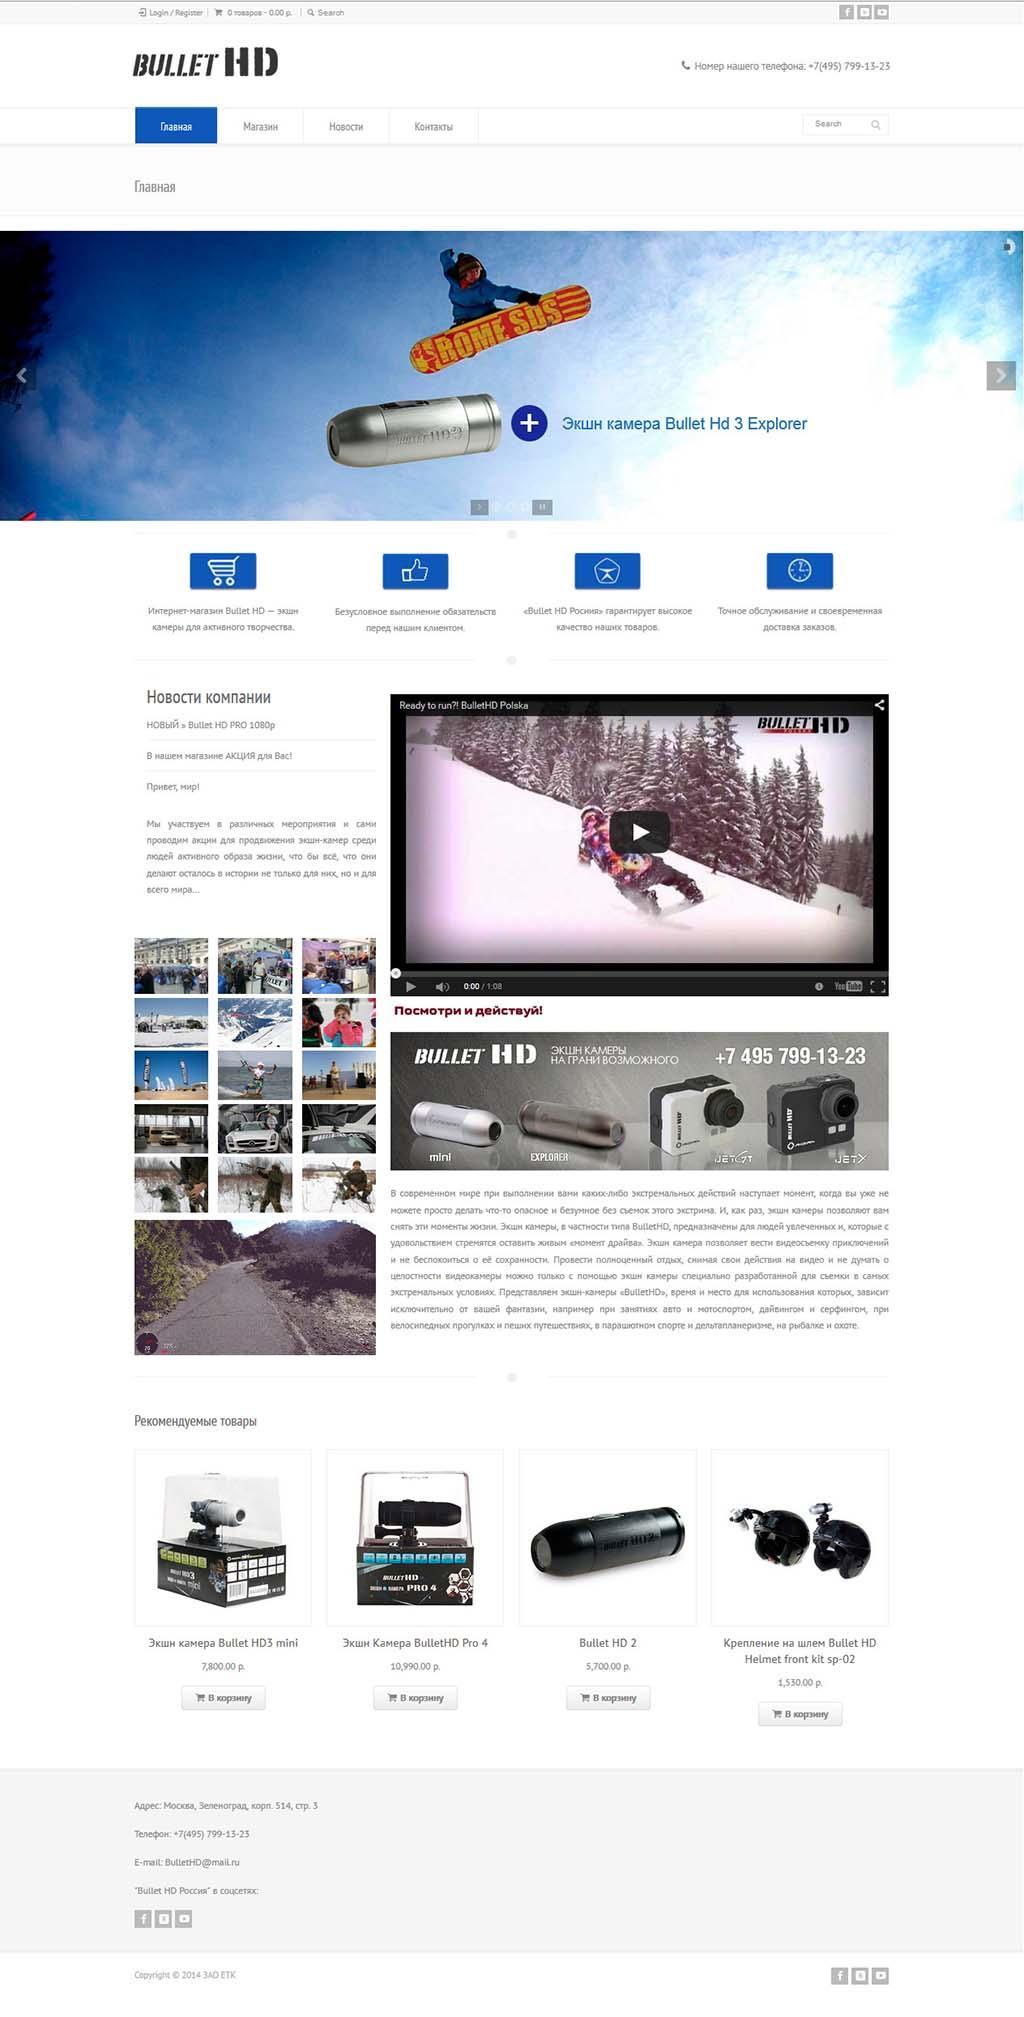 Крышка к freelance e1085 проекты для фрилансеров дизайнеров